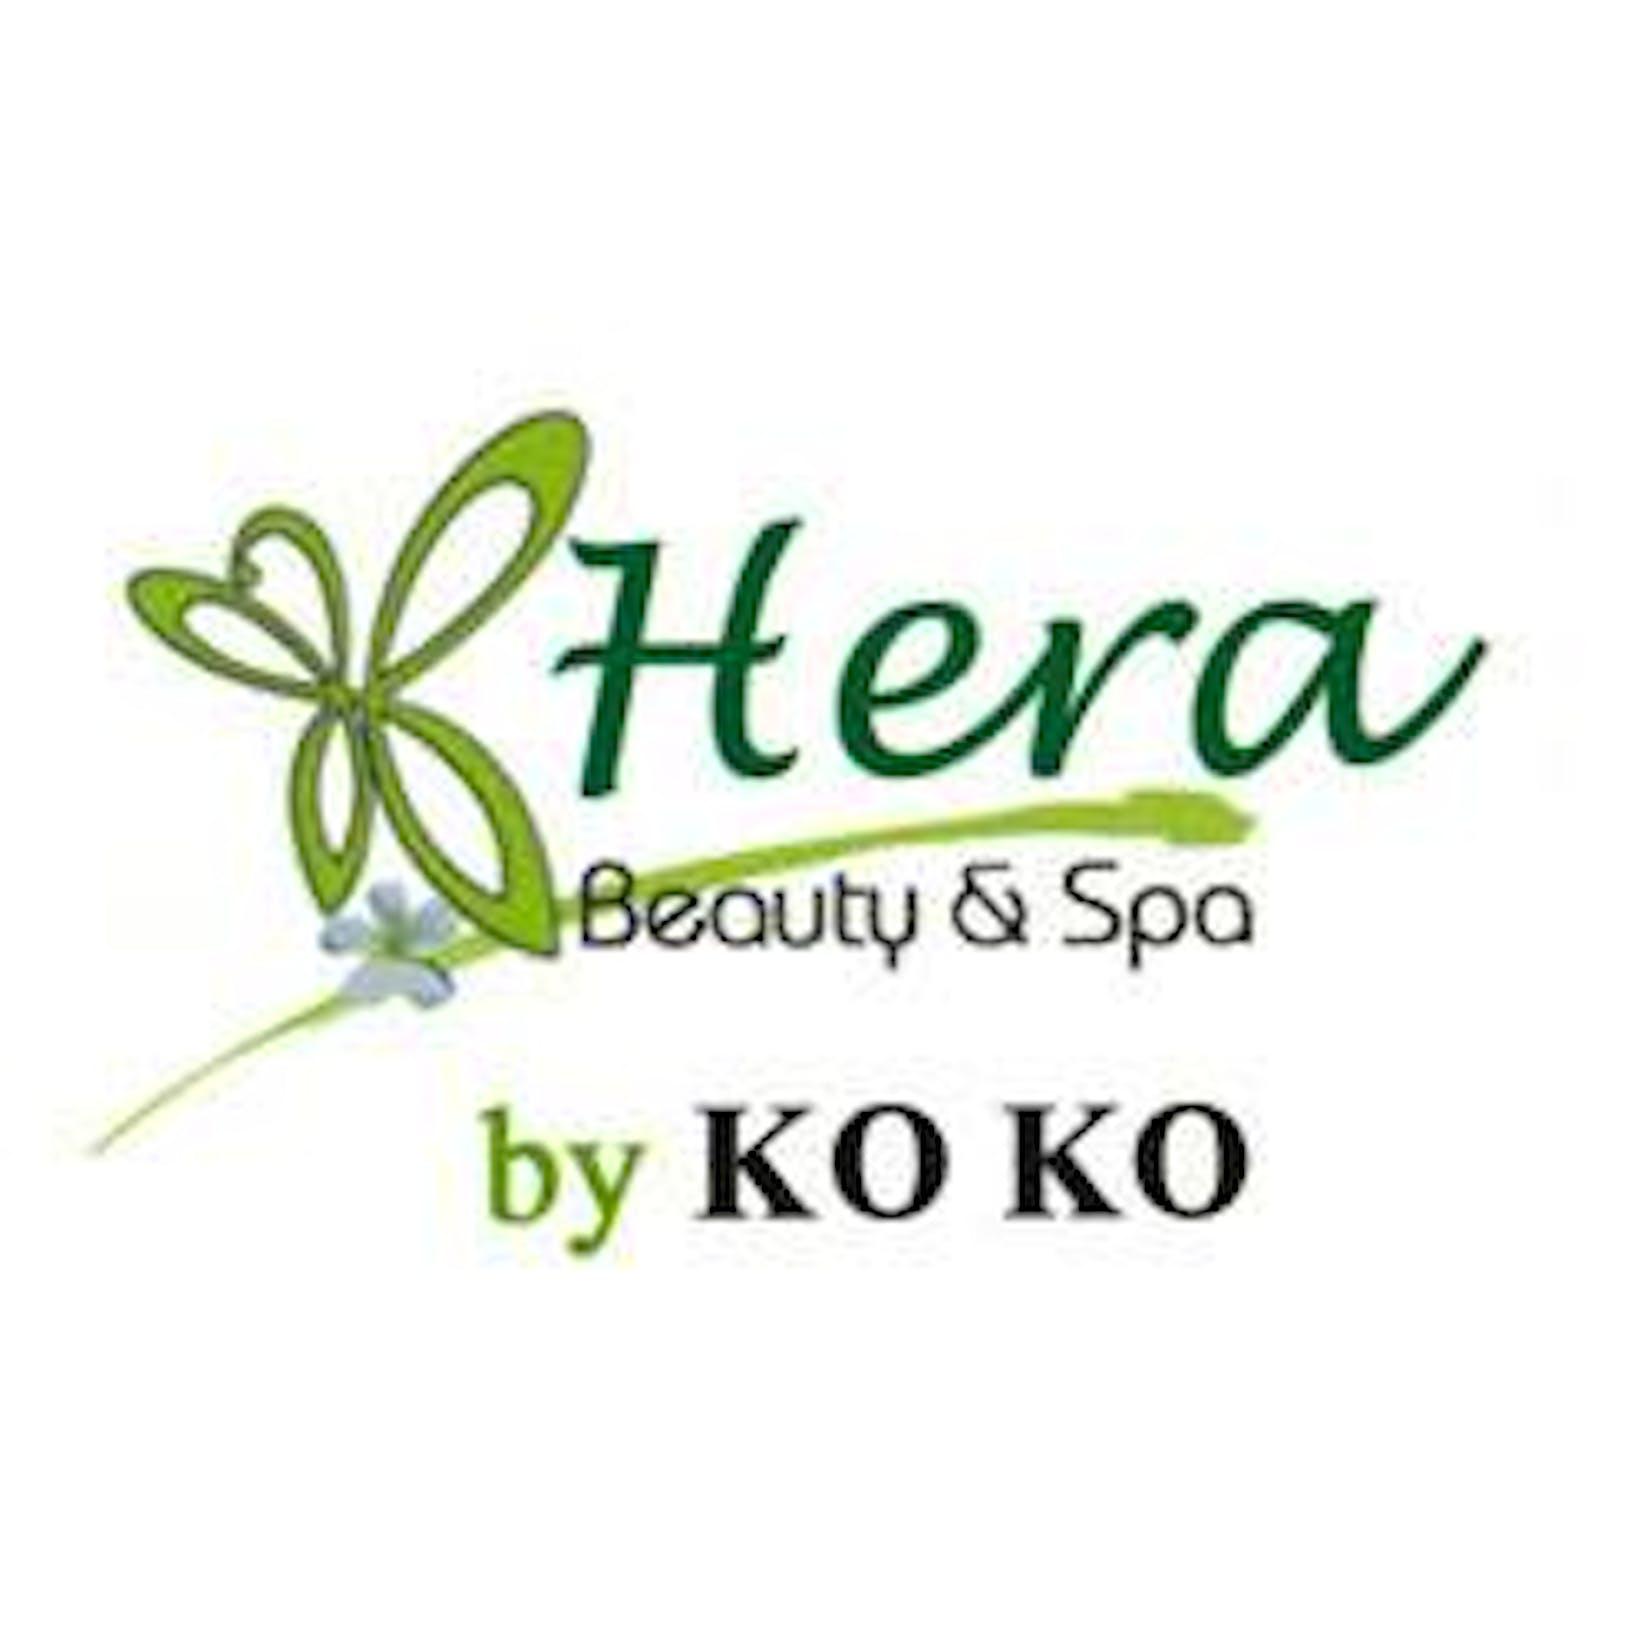 Hera Spa by Koko | Beauty